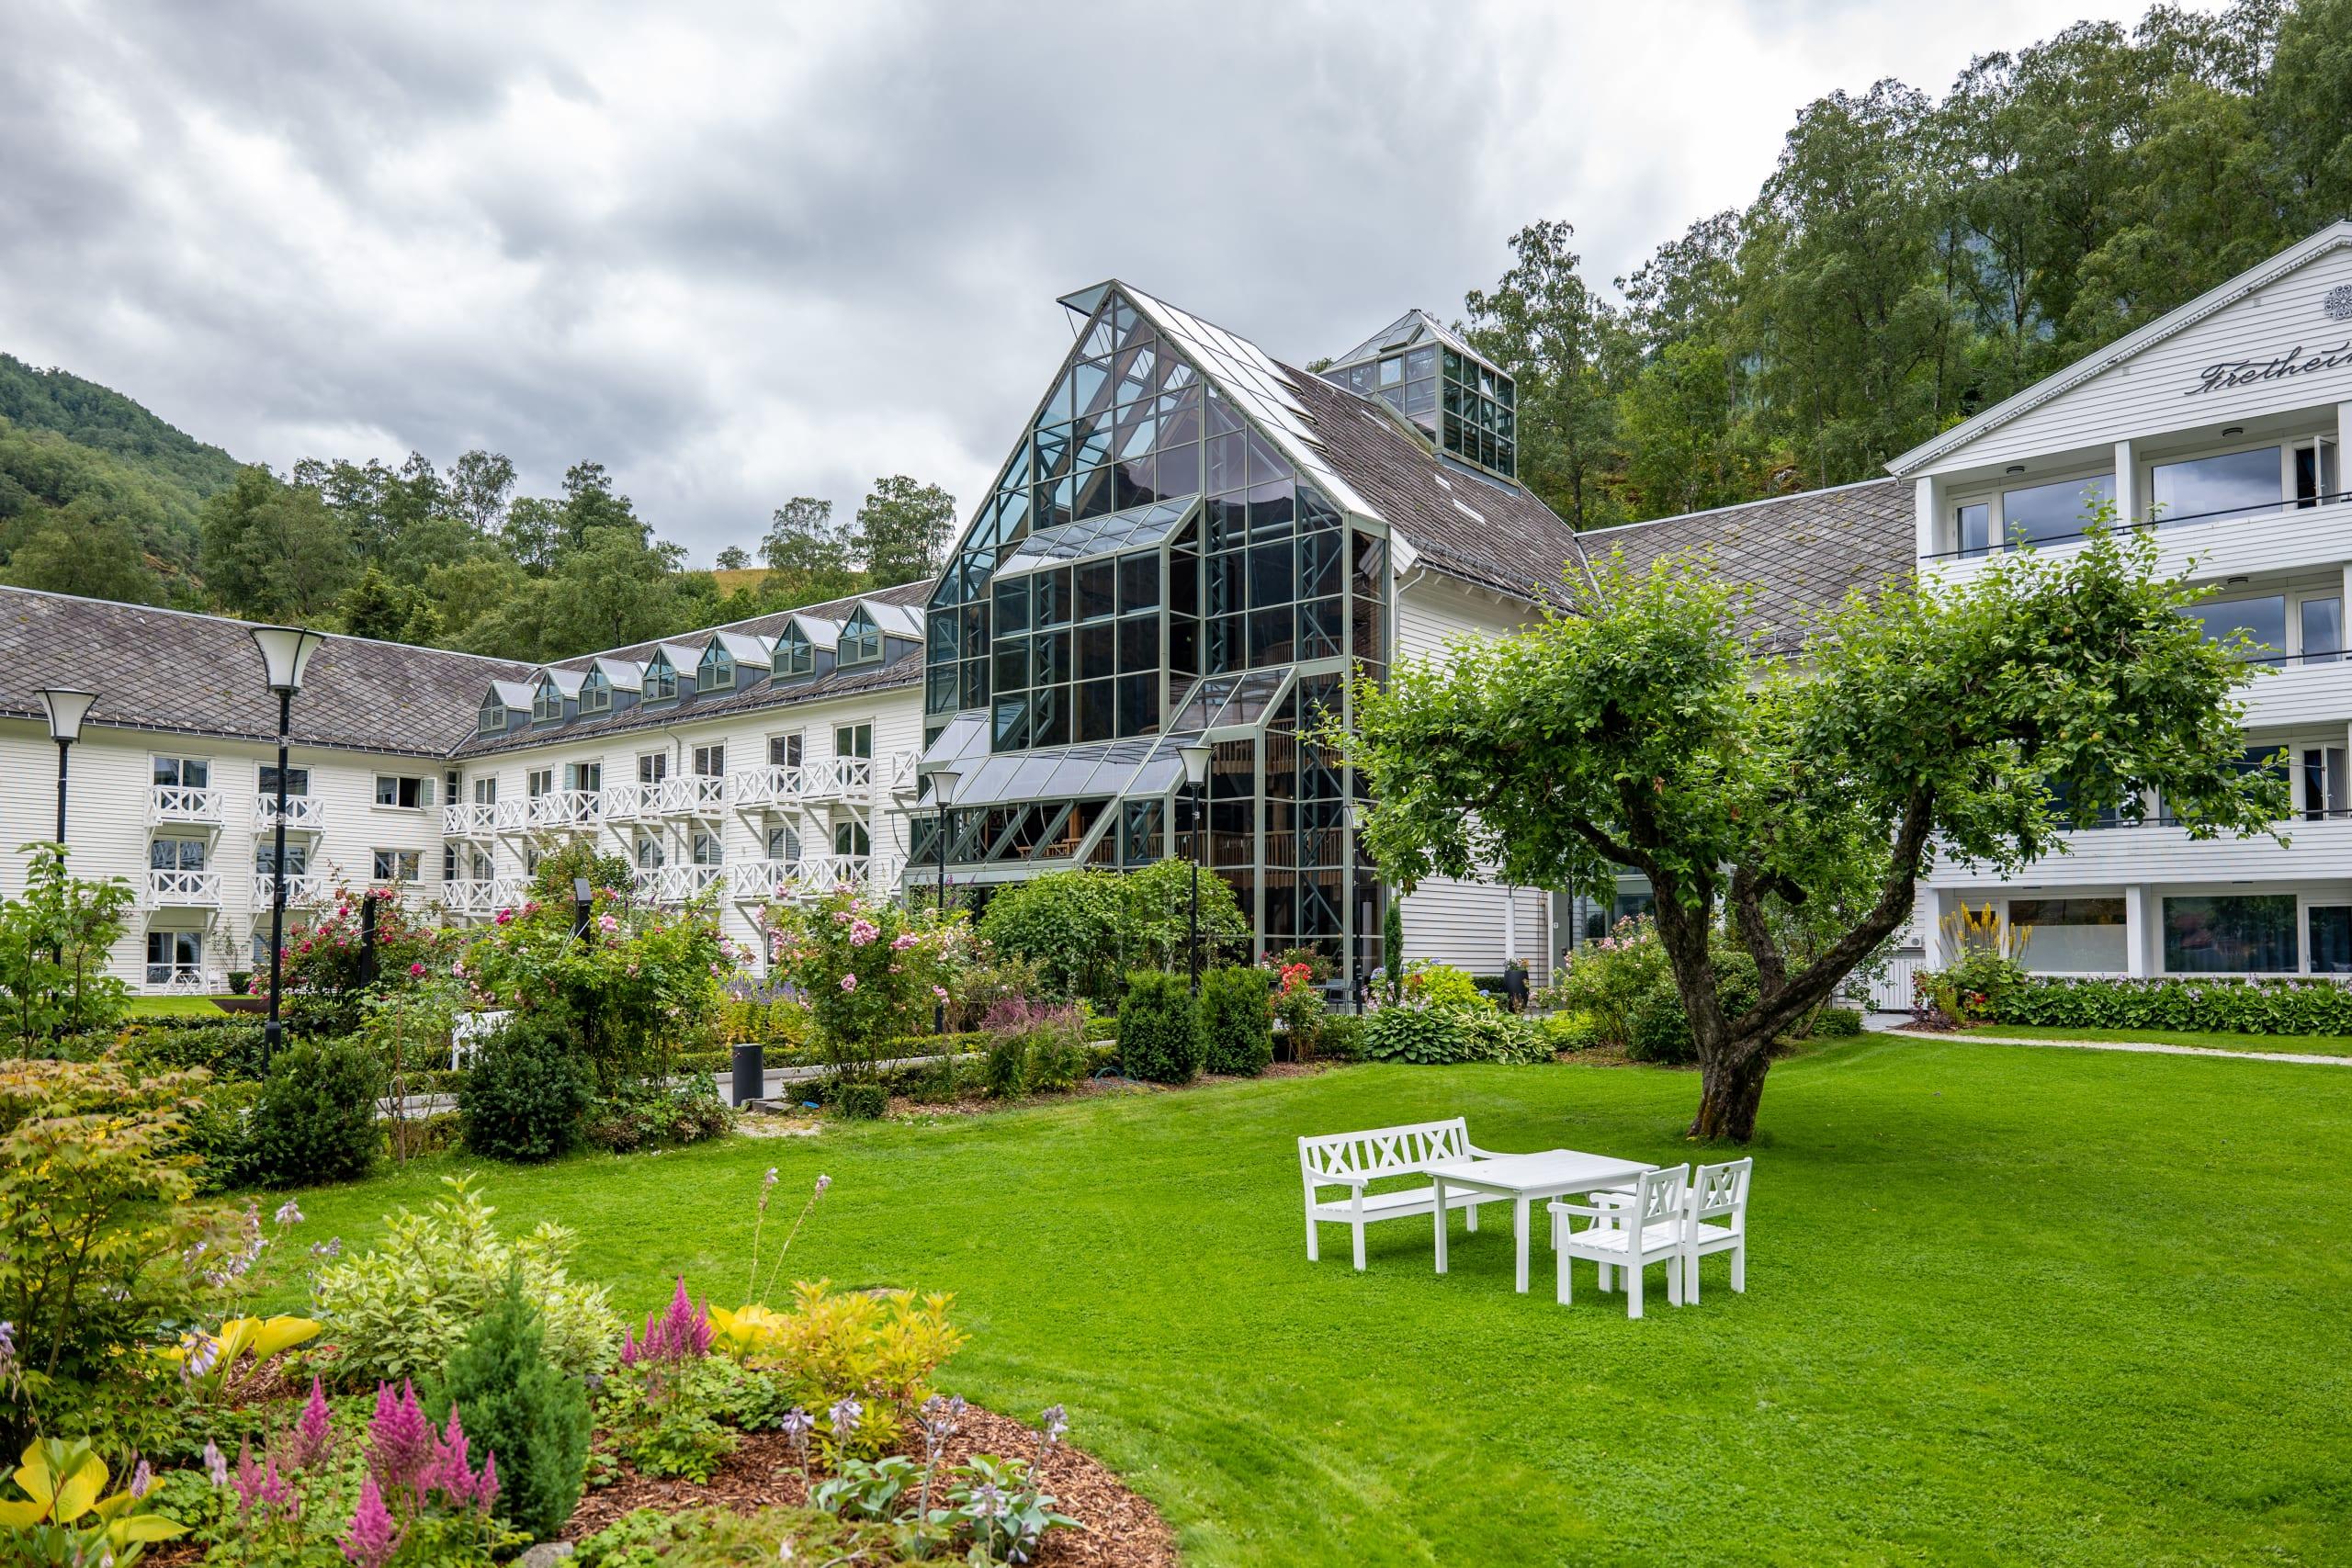 Fretheim hotel garden in Flåm